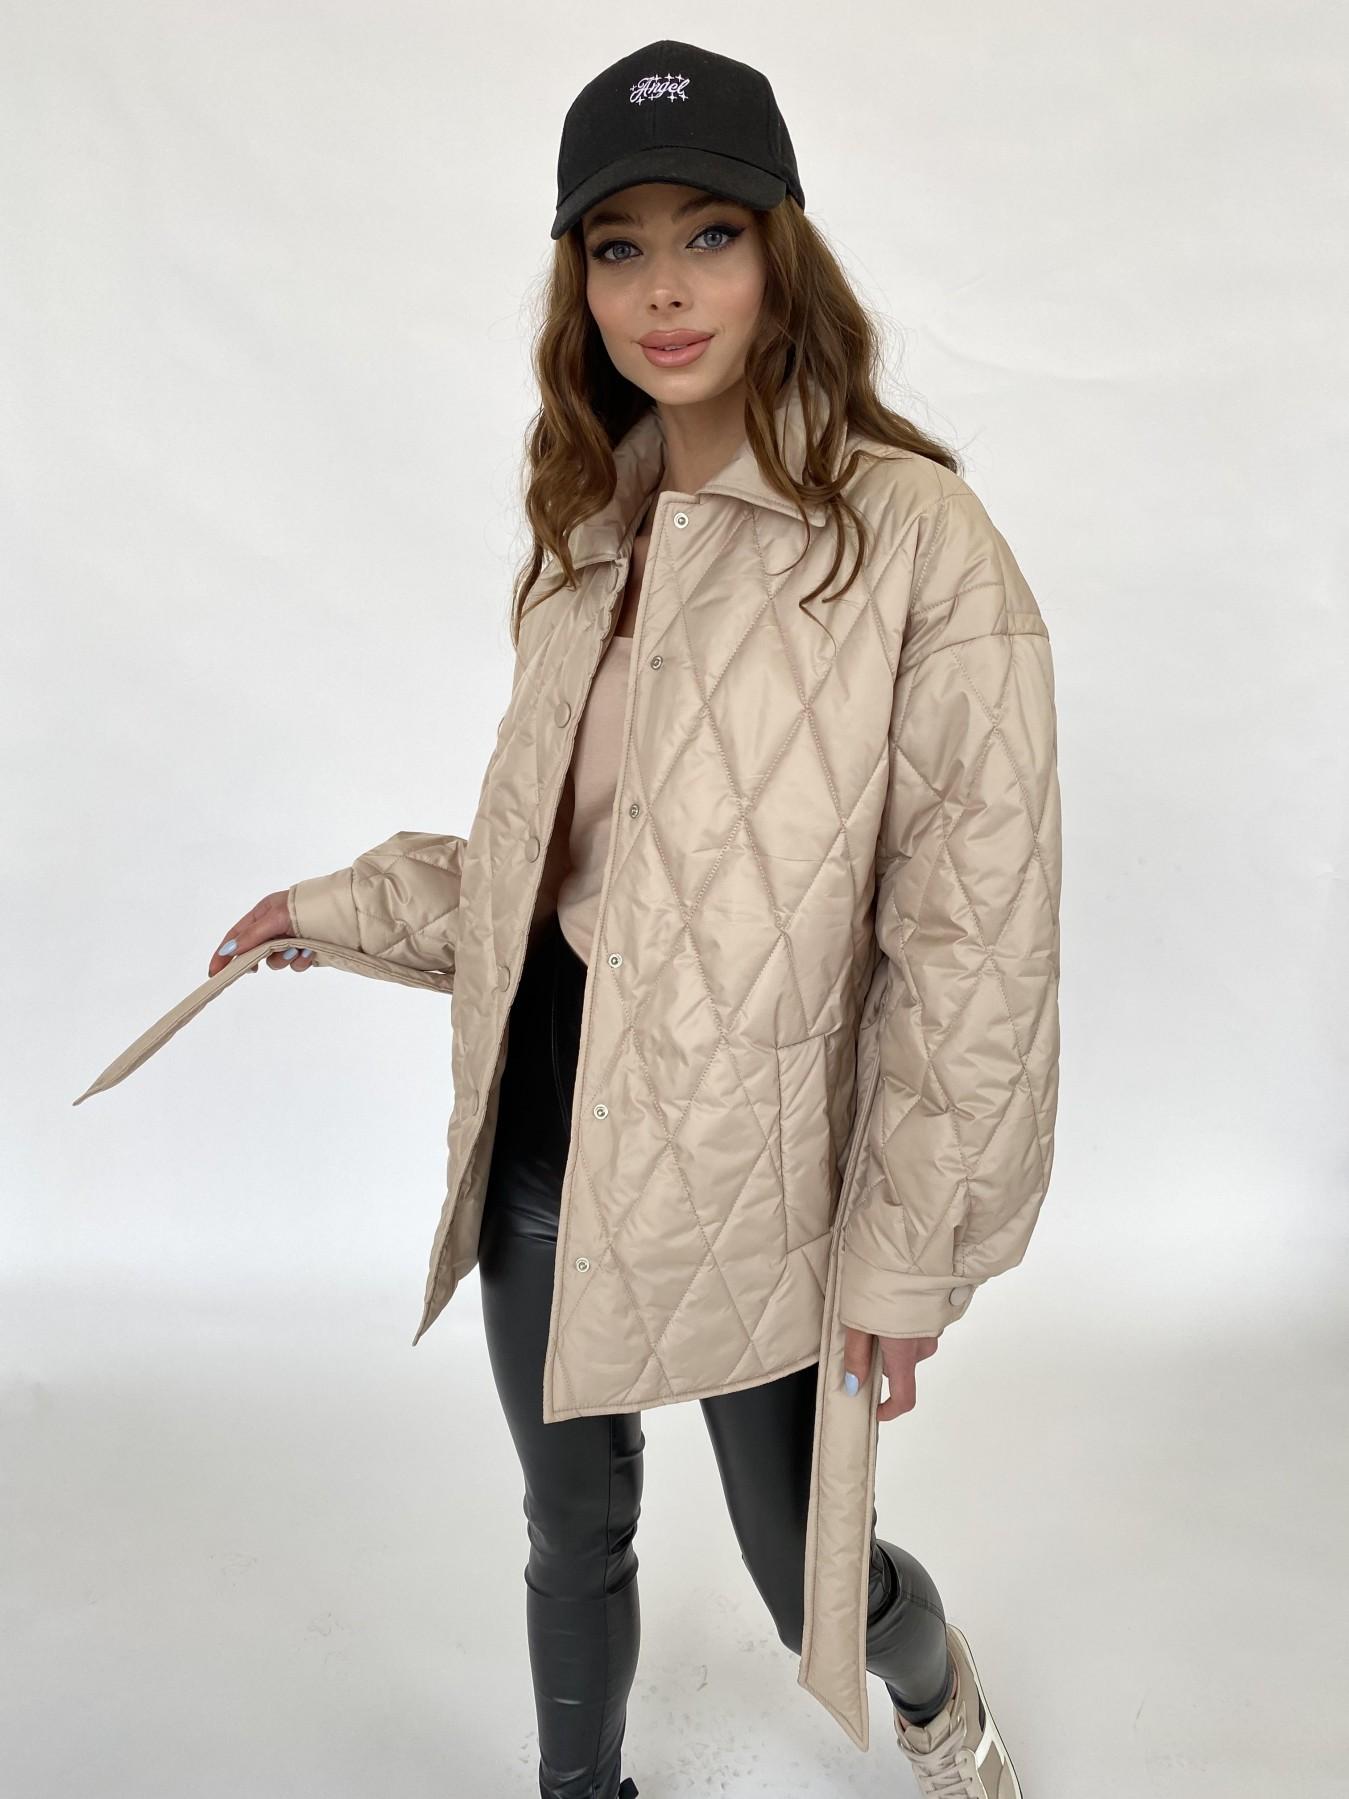 Моно  куртка из плащевой ткани Gloria 11081 АРТ. 47571 Цвет: Бежевый - фото 2, интернет магазин tm-modus.ru